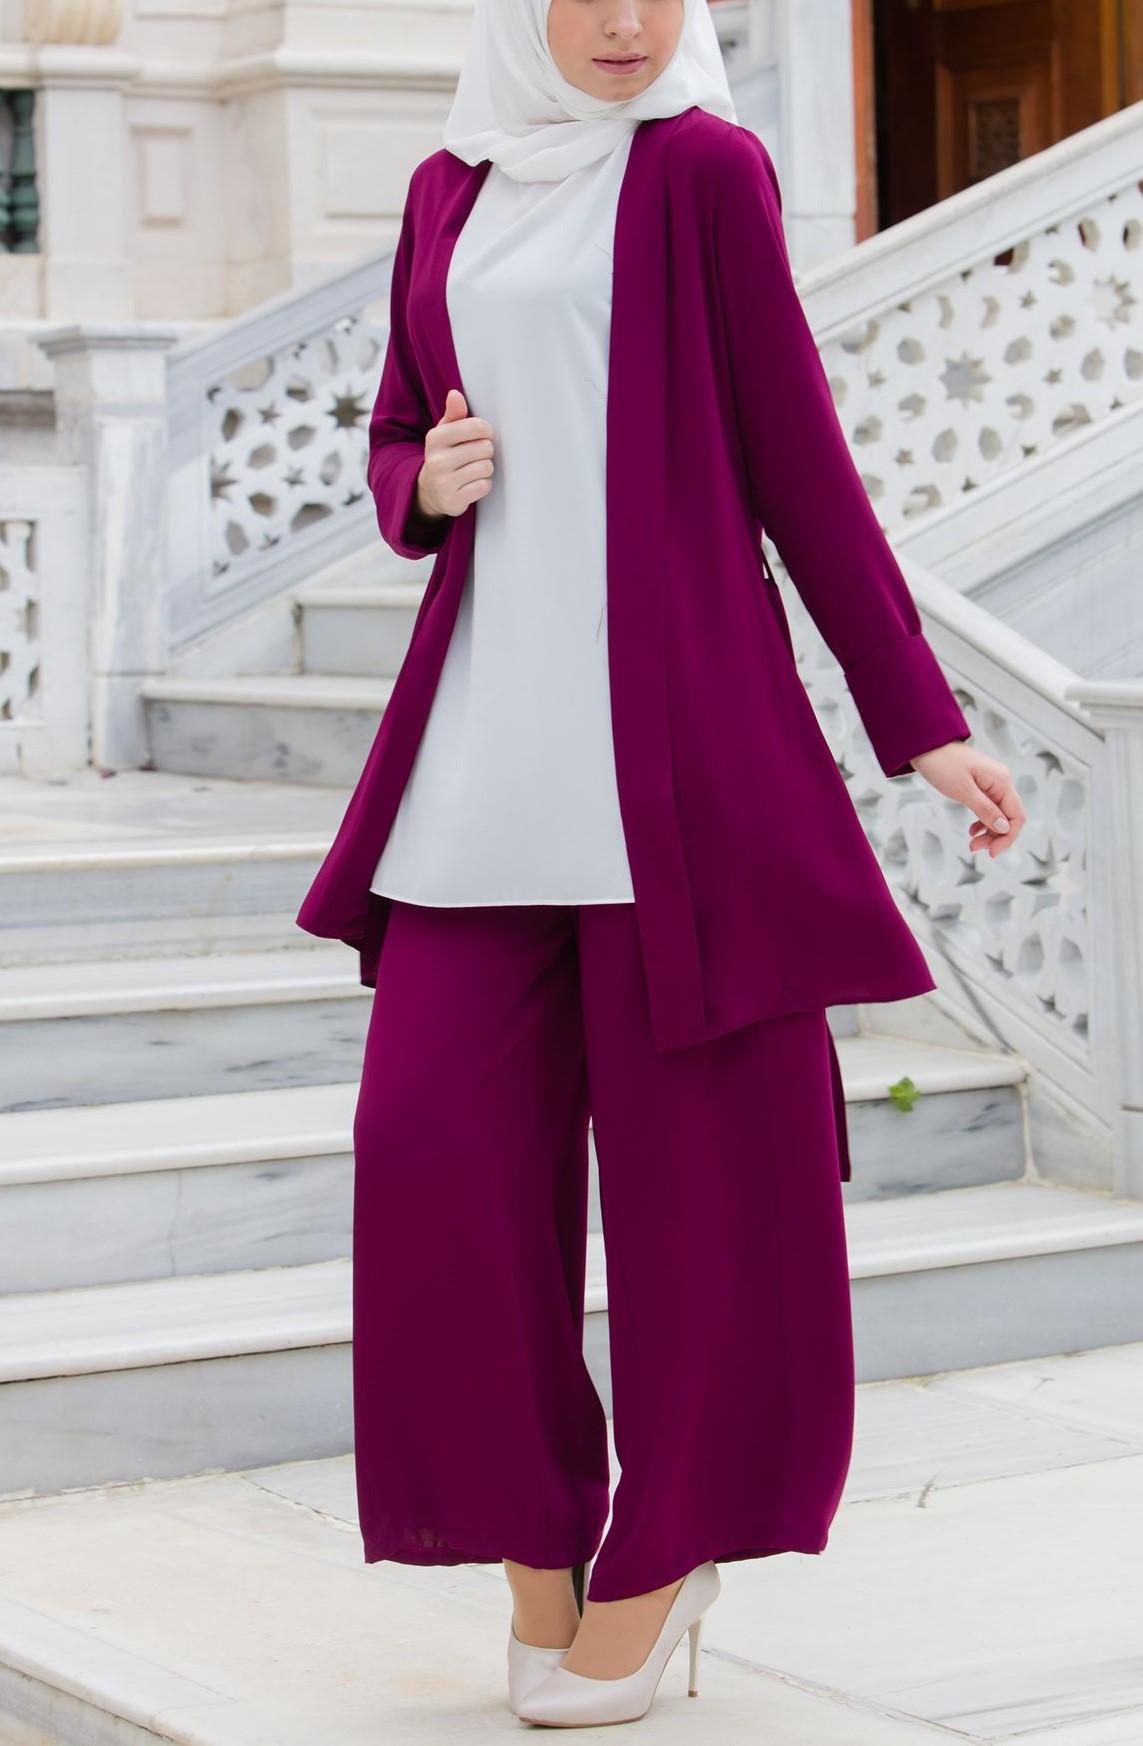 مدل مانتو شب عید امسال